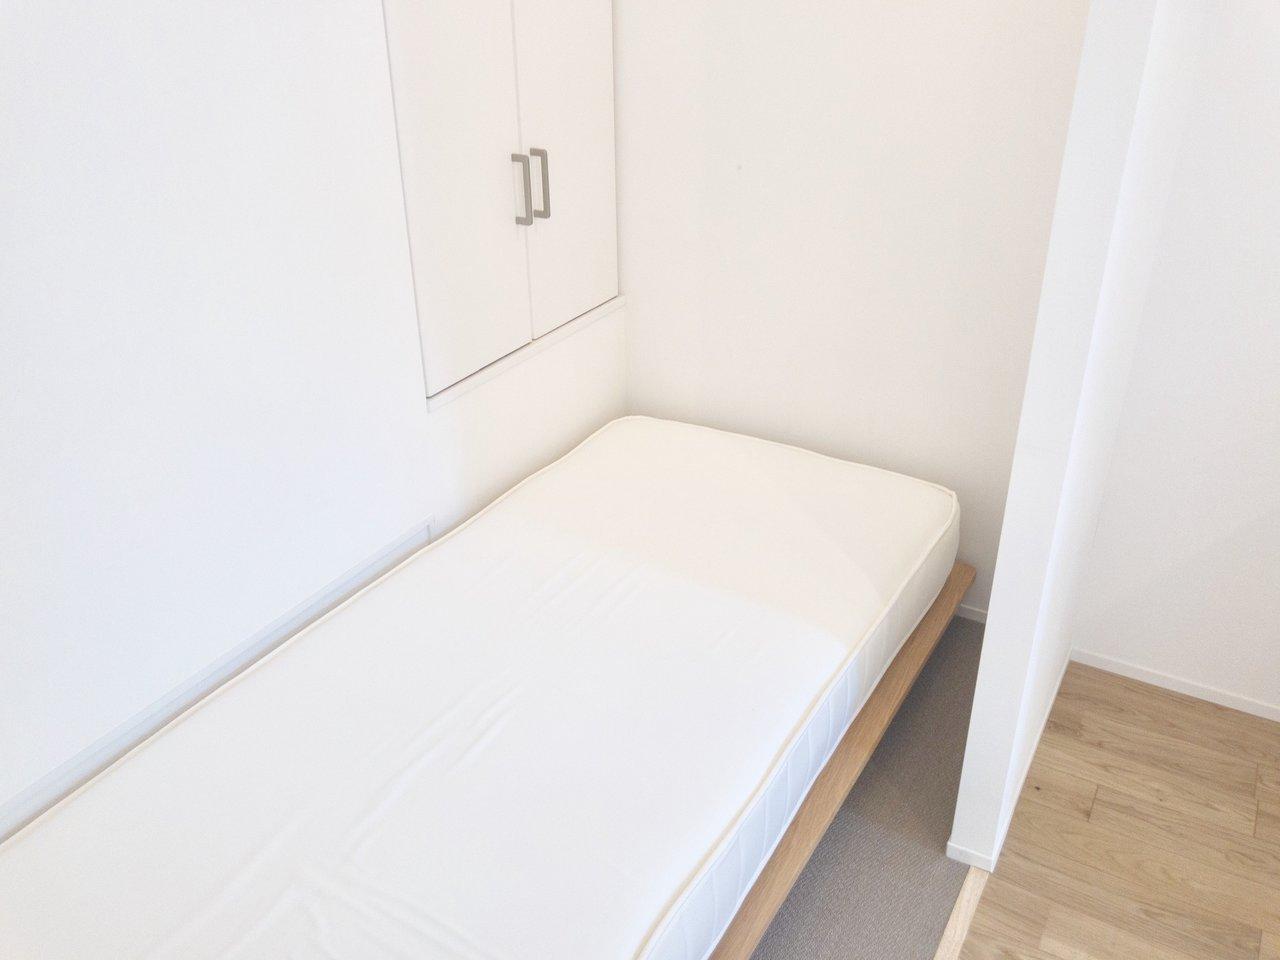 ベッドルームにもちょっとした仕切りがあるので、気分的に寝室と居室部分を分けられる気がしますね。奥には収納スペースも。